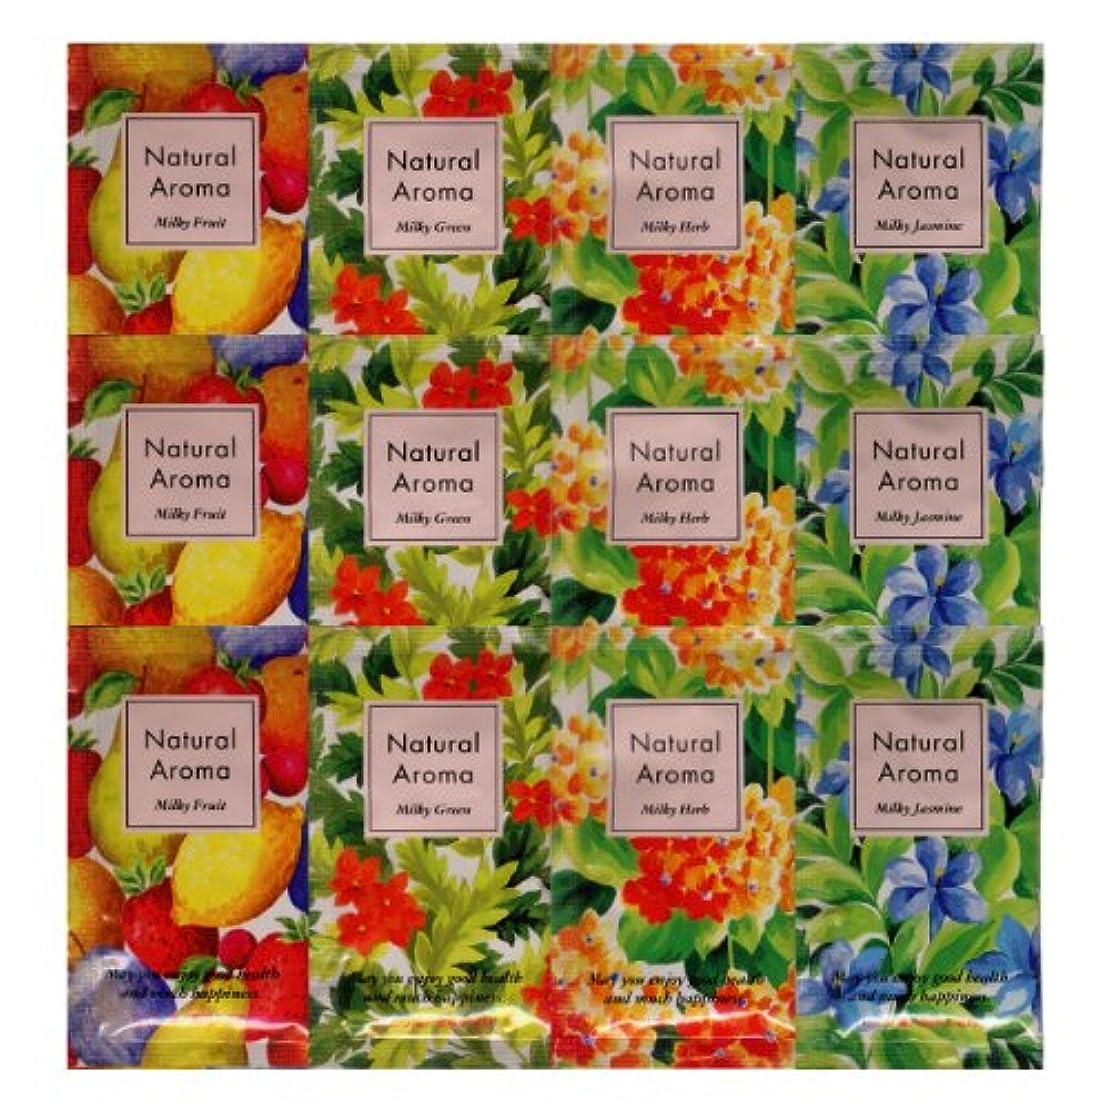 混合した染料欲求不満ナチュラルアロマ 入浴剤 ミルキーハーブ 4種類×3 12包セット